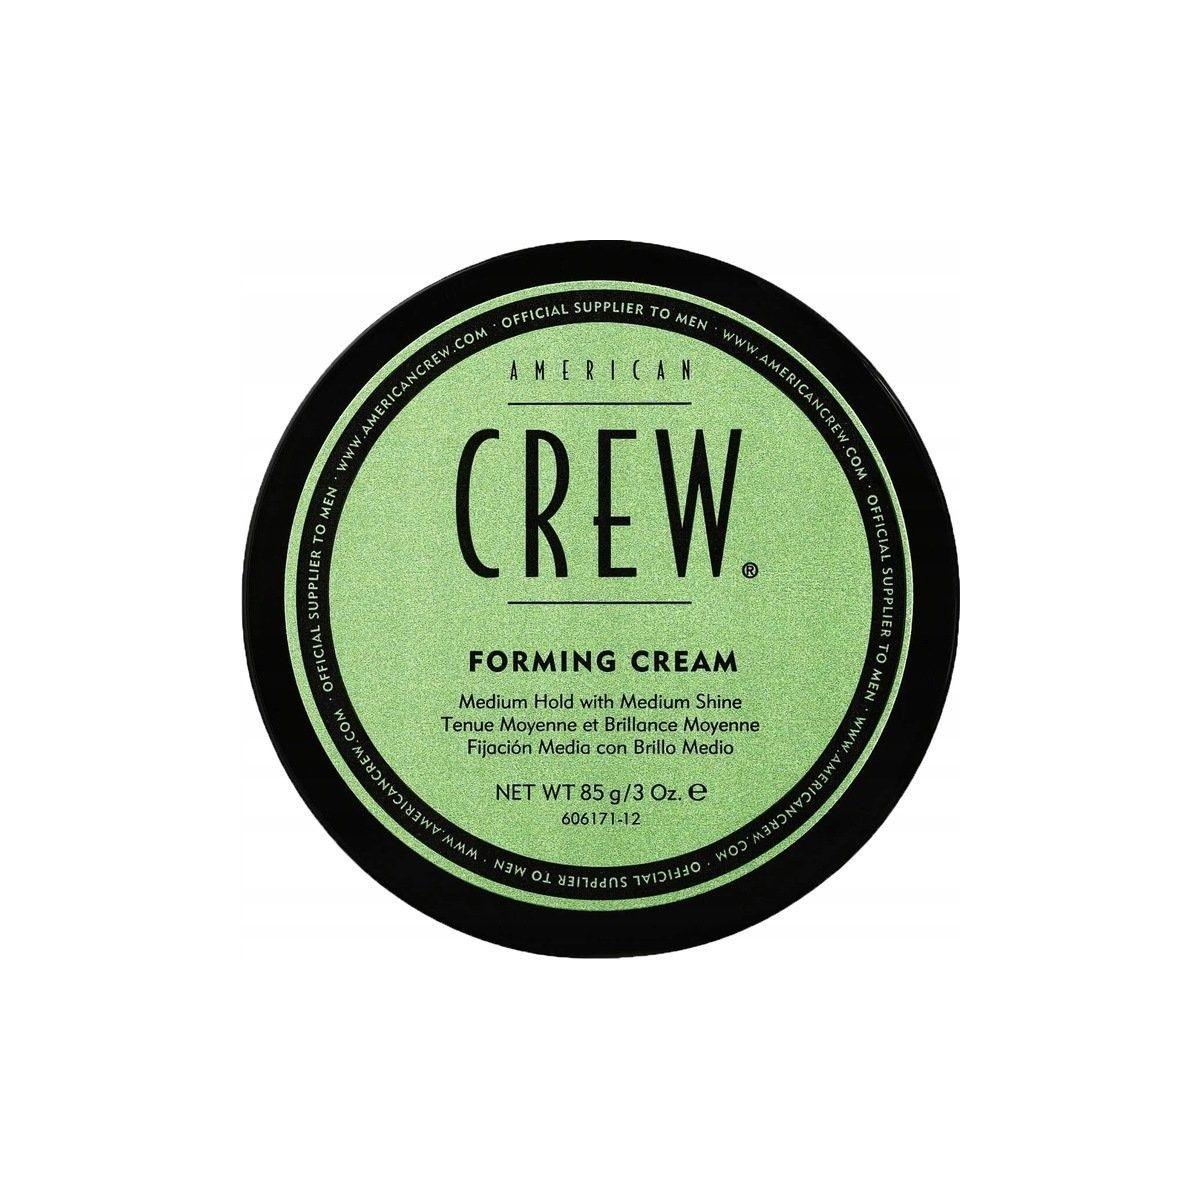 American Crew Forming Cream, krem średnio mocno utrwalający z efektem połysku do włosów 85g